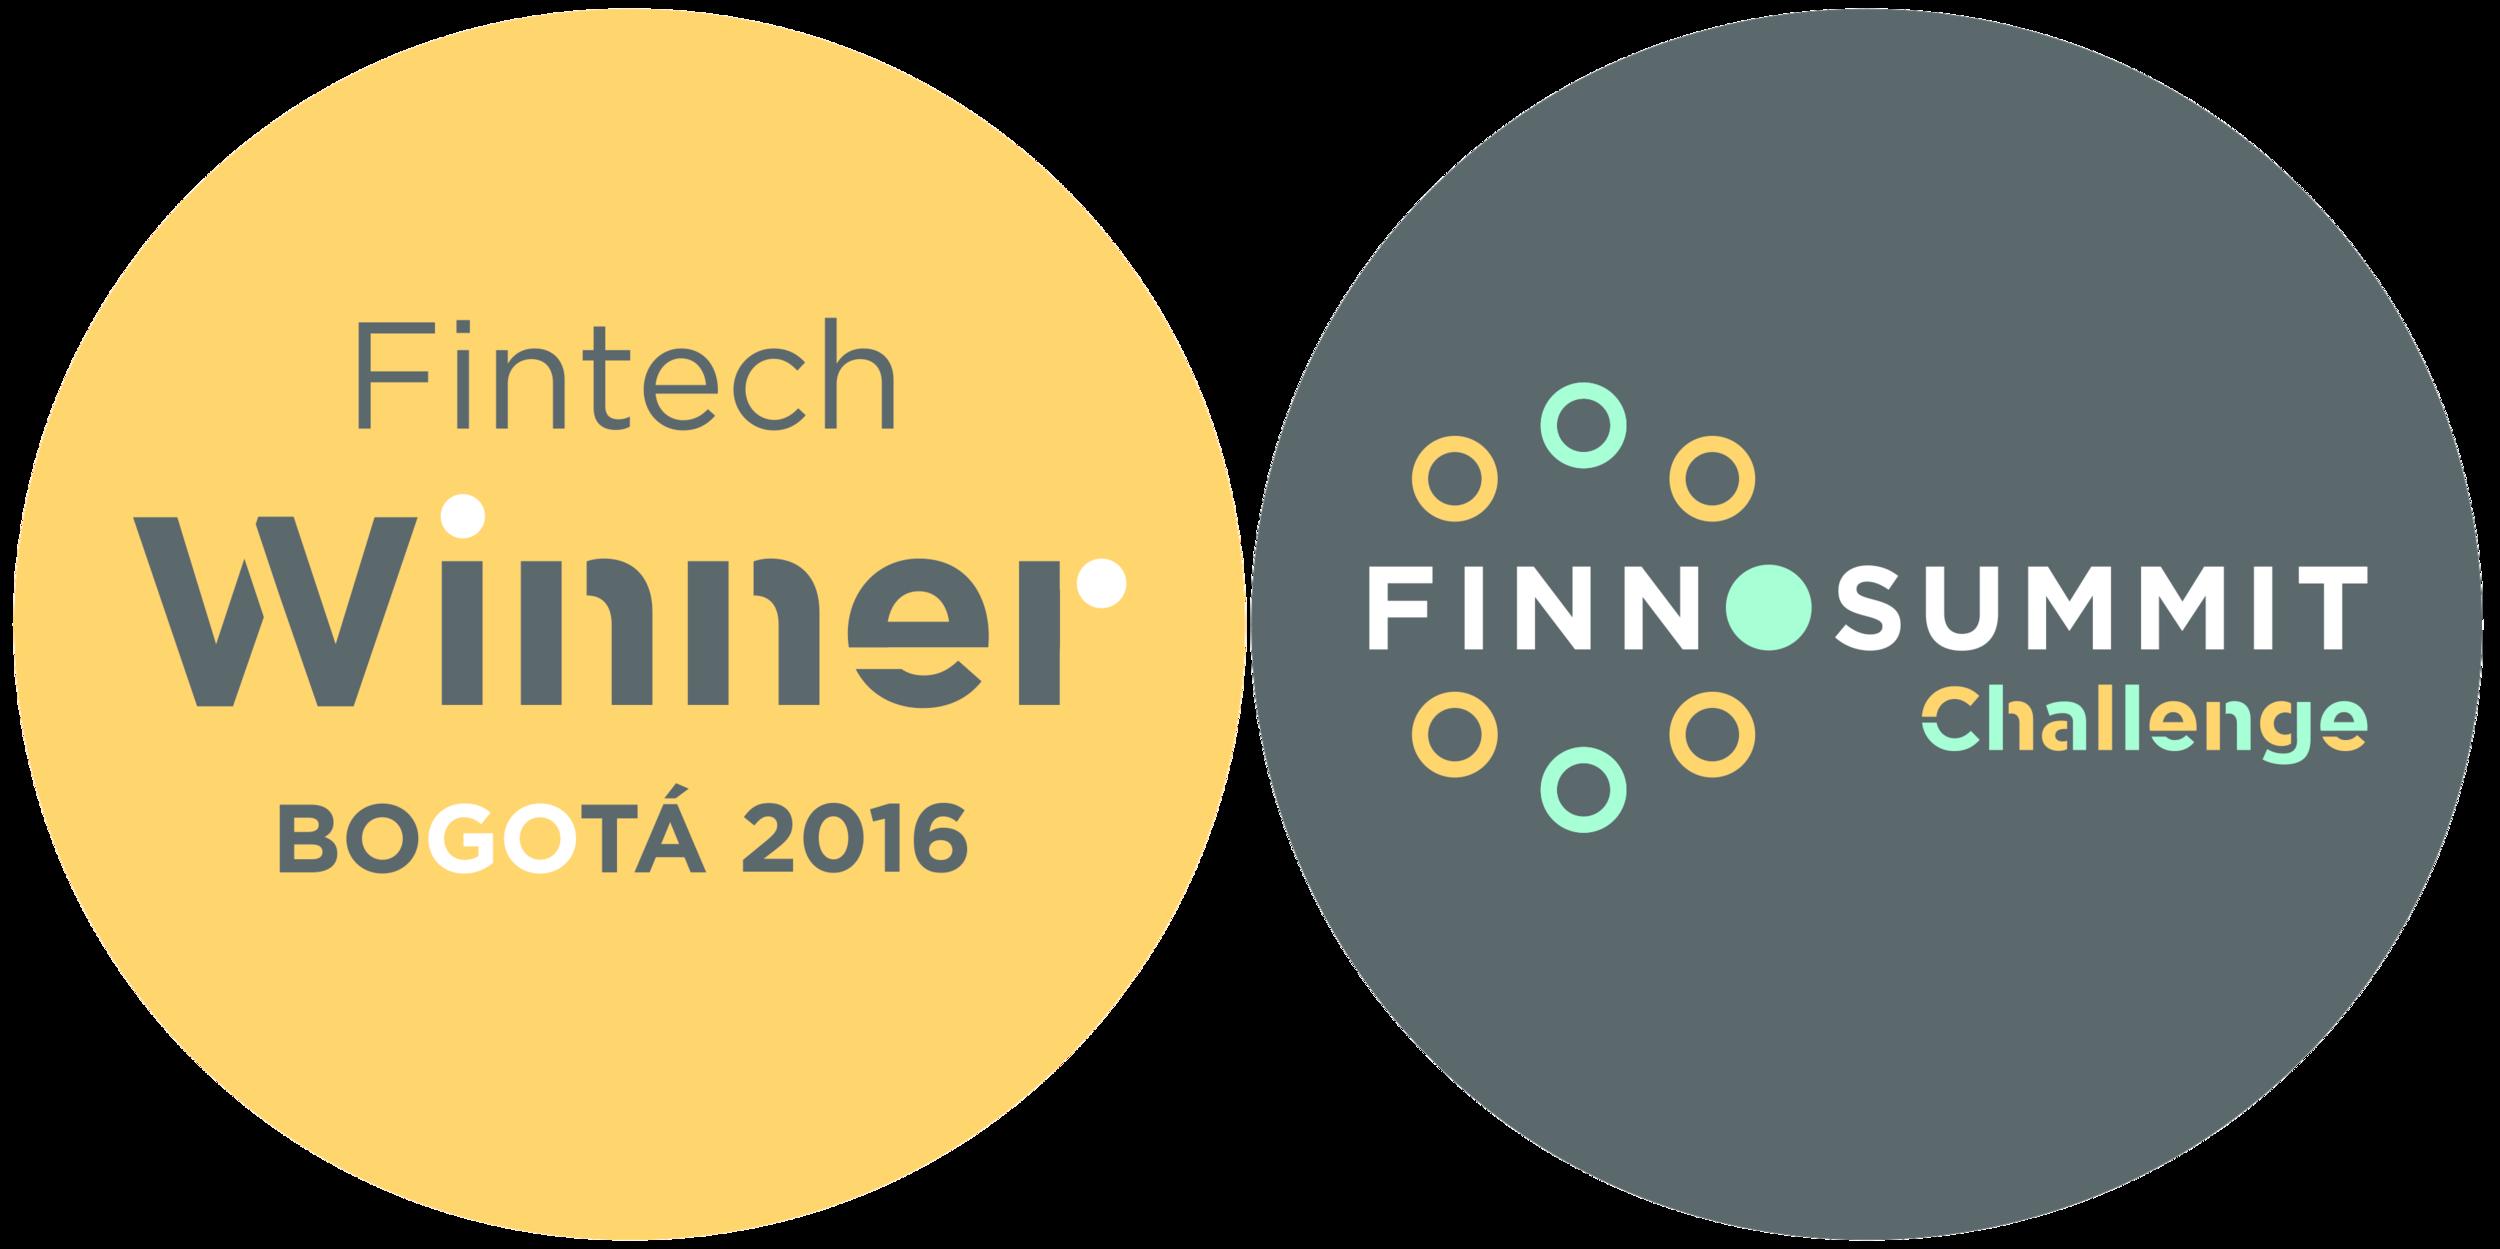 Fuimos seleccionados como la empresa con mayor potencial de disrupción del área de Fintech en América del sur por Finnosummit Challenge.